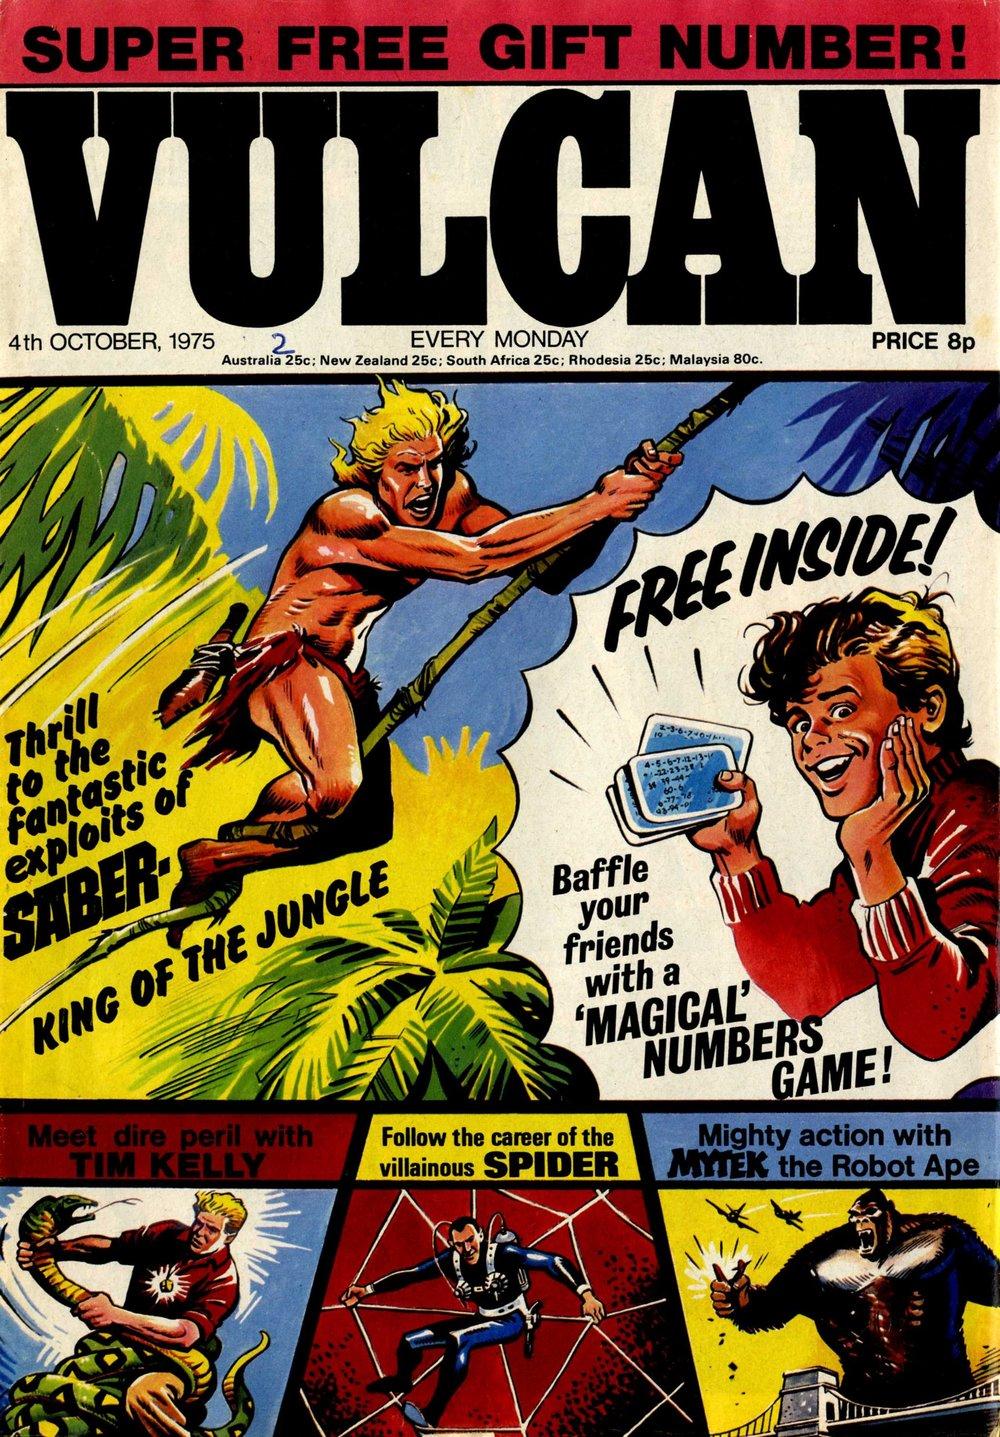 Vulcan 041075 001.jpg